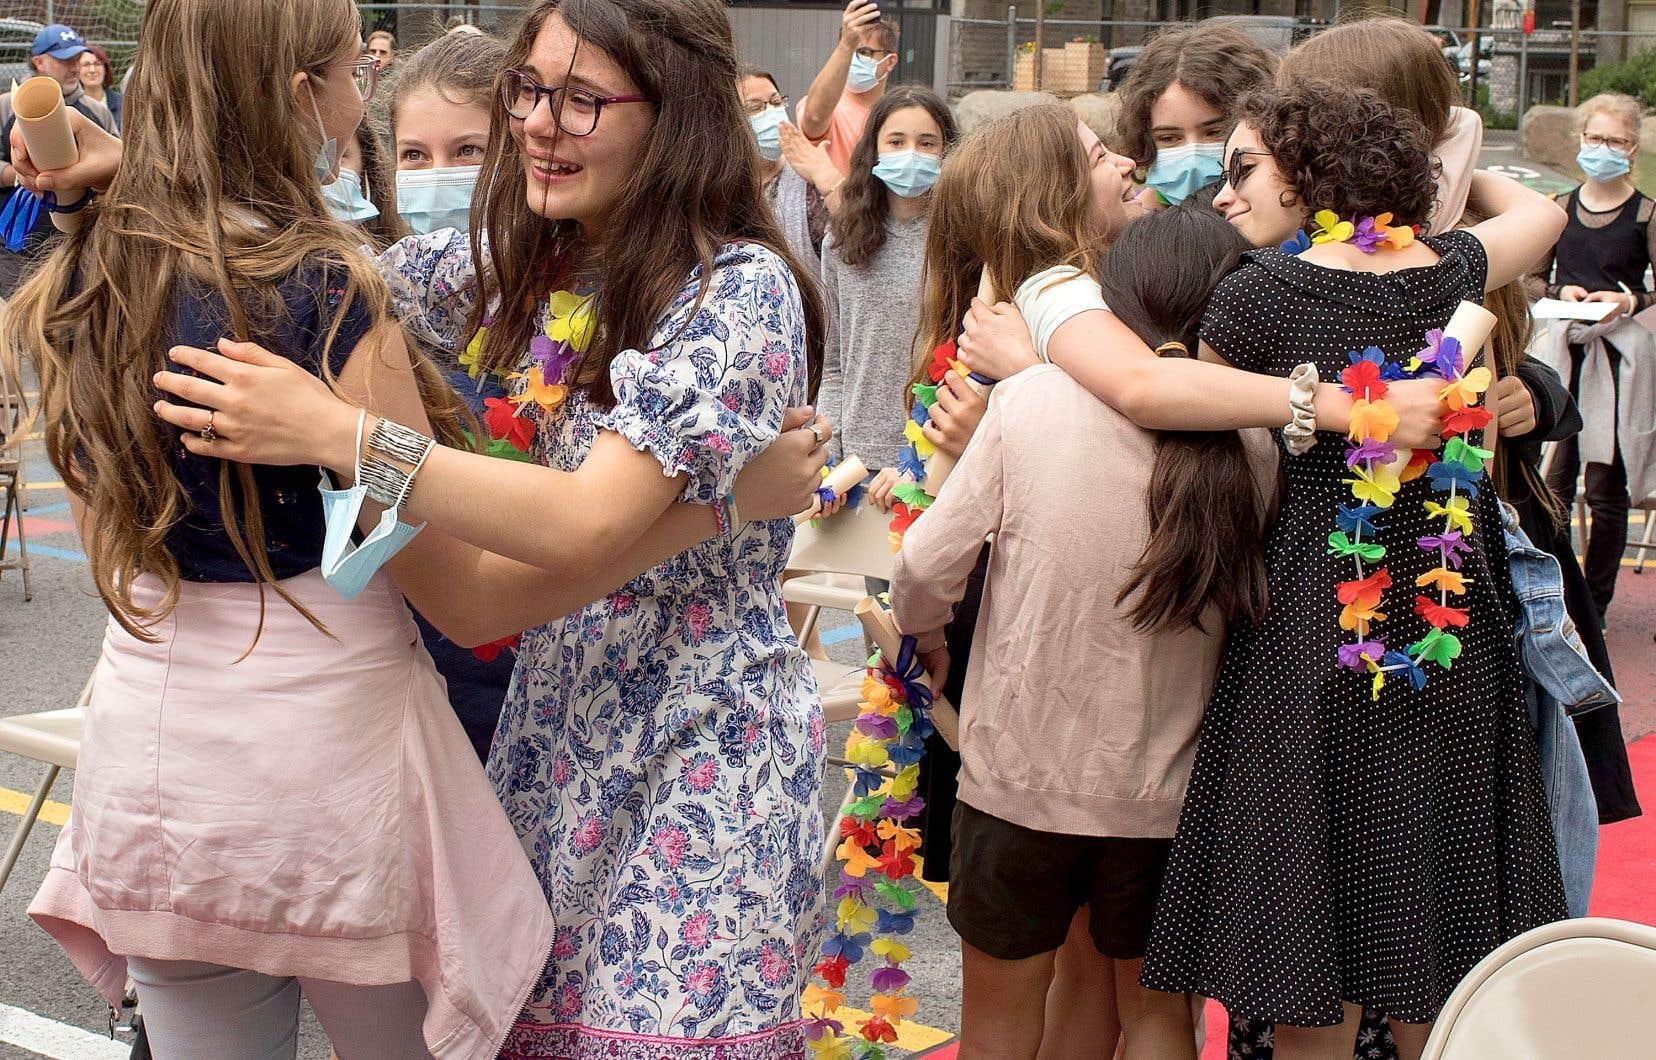 Des larmes, des bravos, et même quelques câlins: après une autre année mouvementée, élèves et membres du personnel scolaire se sont souhaité de bonnes vacances en cette dernière journée d'école, mardi. Sur notre photo, les finissants de l'école primaire Lanaudière, sur Le Plateau-Mont-Royal, à Montréal, se disent au revoir.